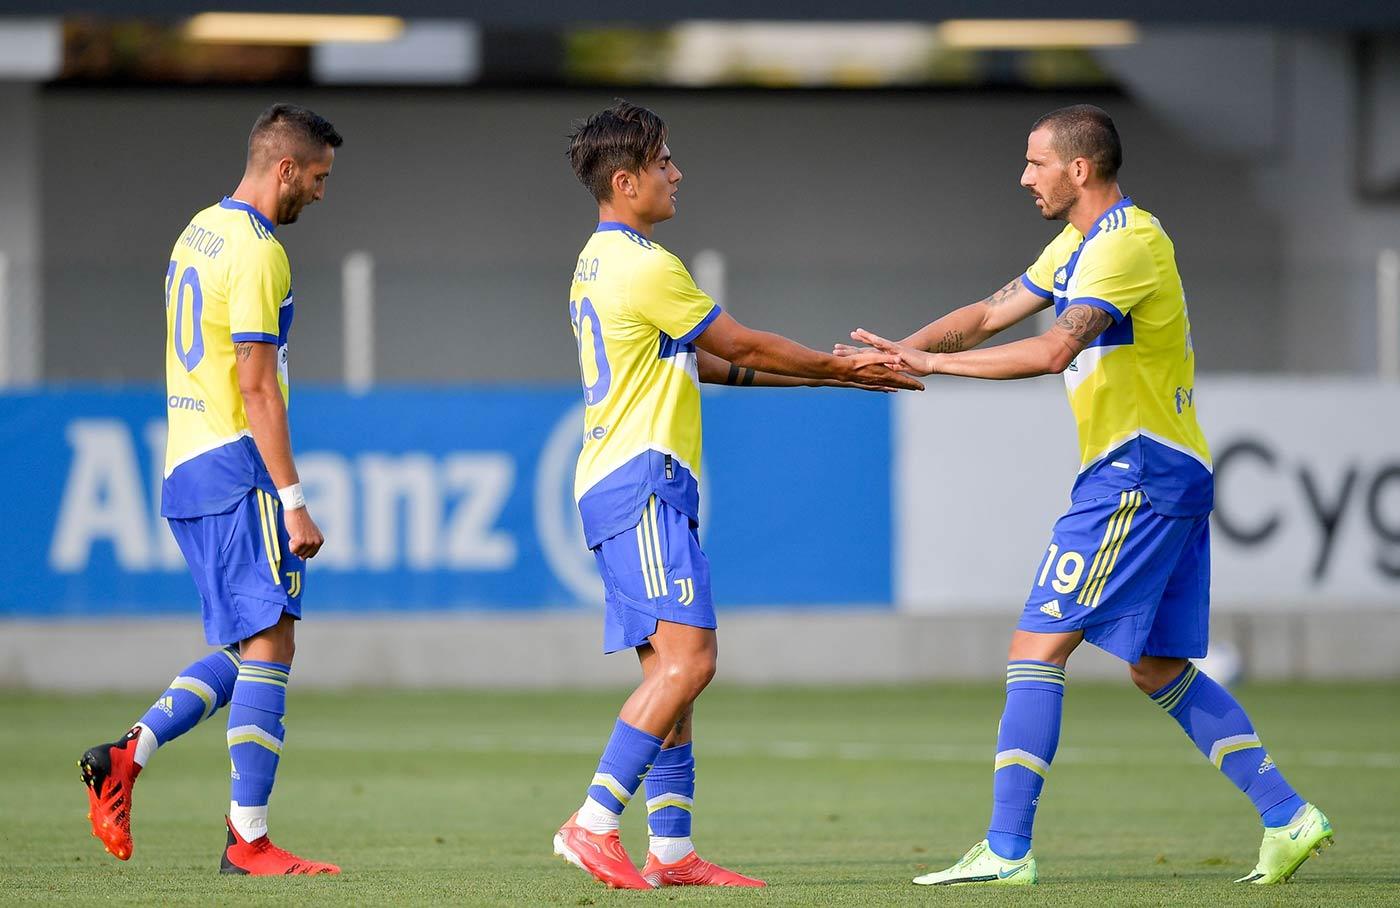 La terza divisa della Juventus 2021-2022